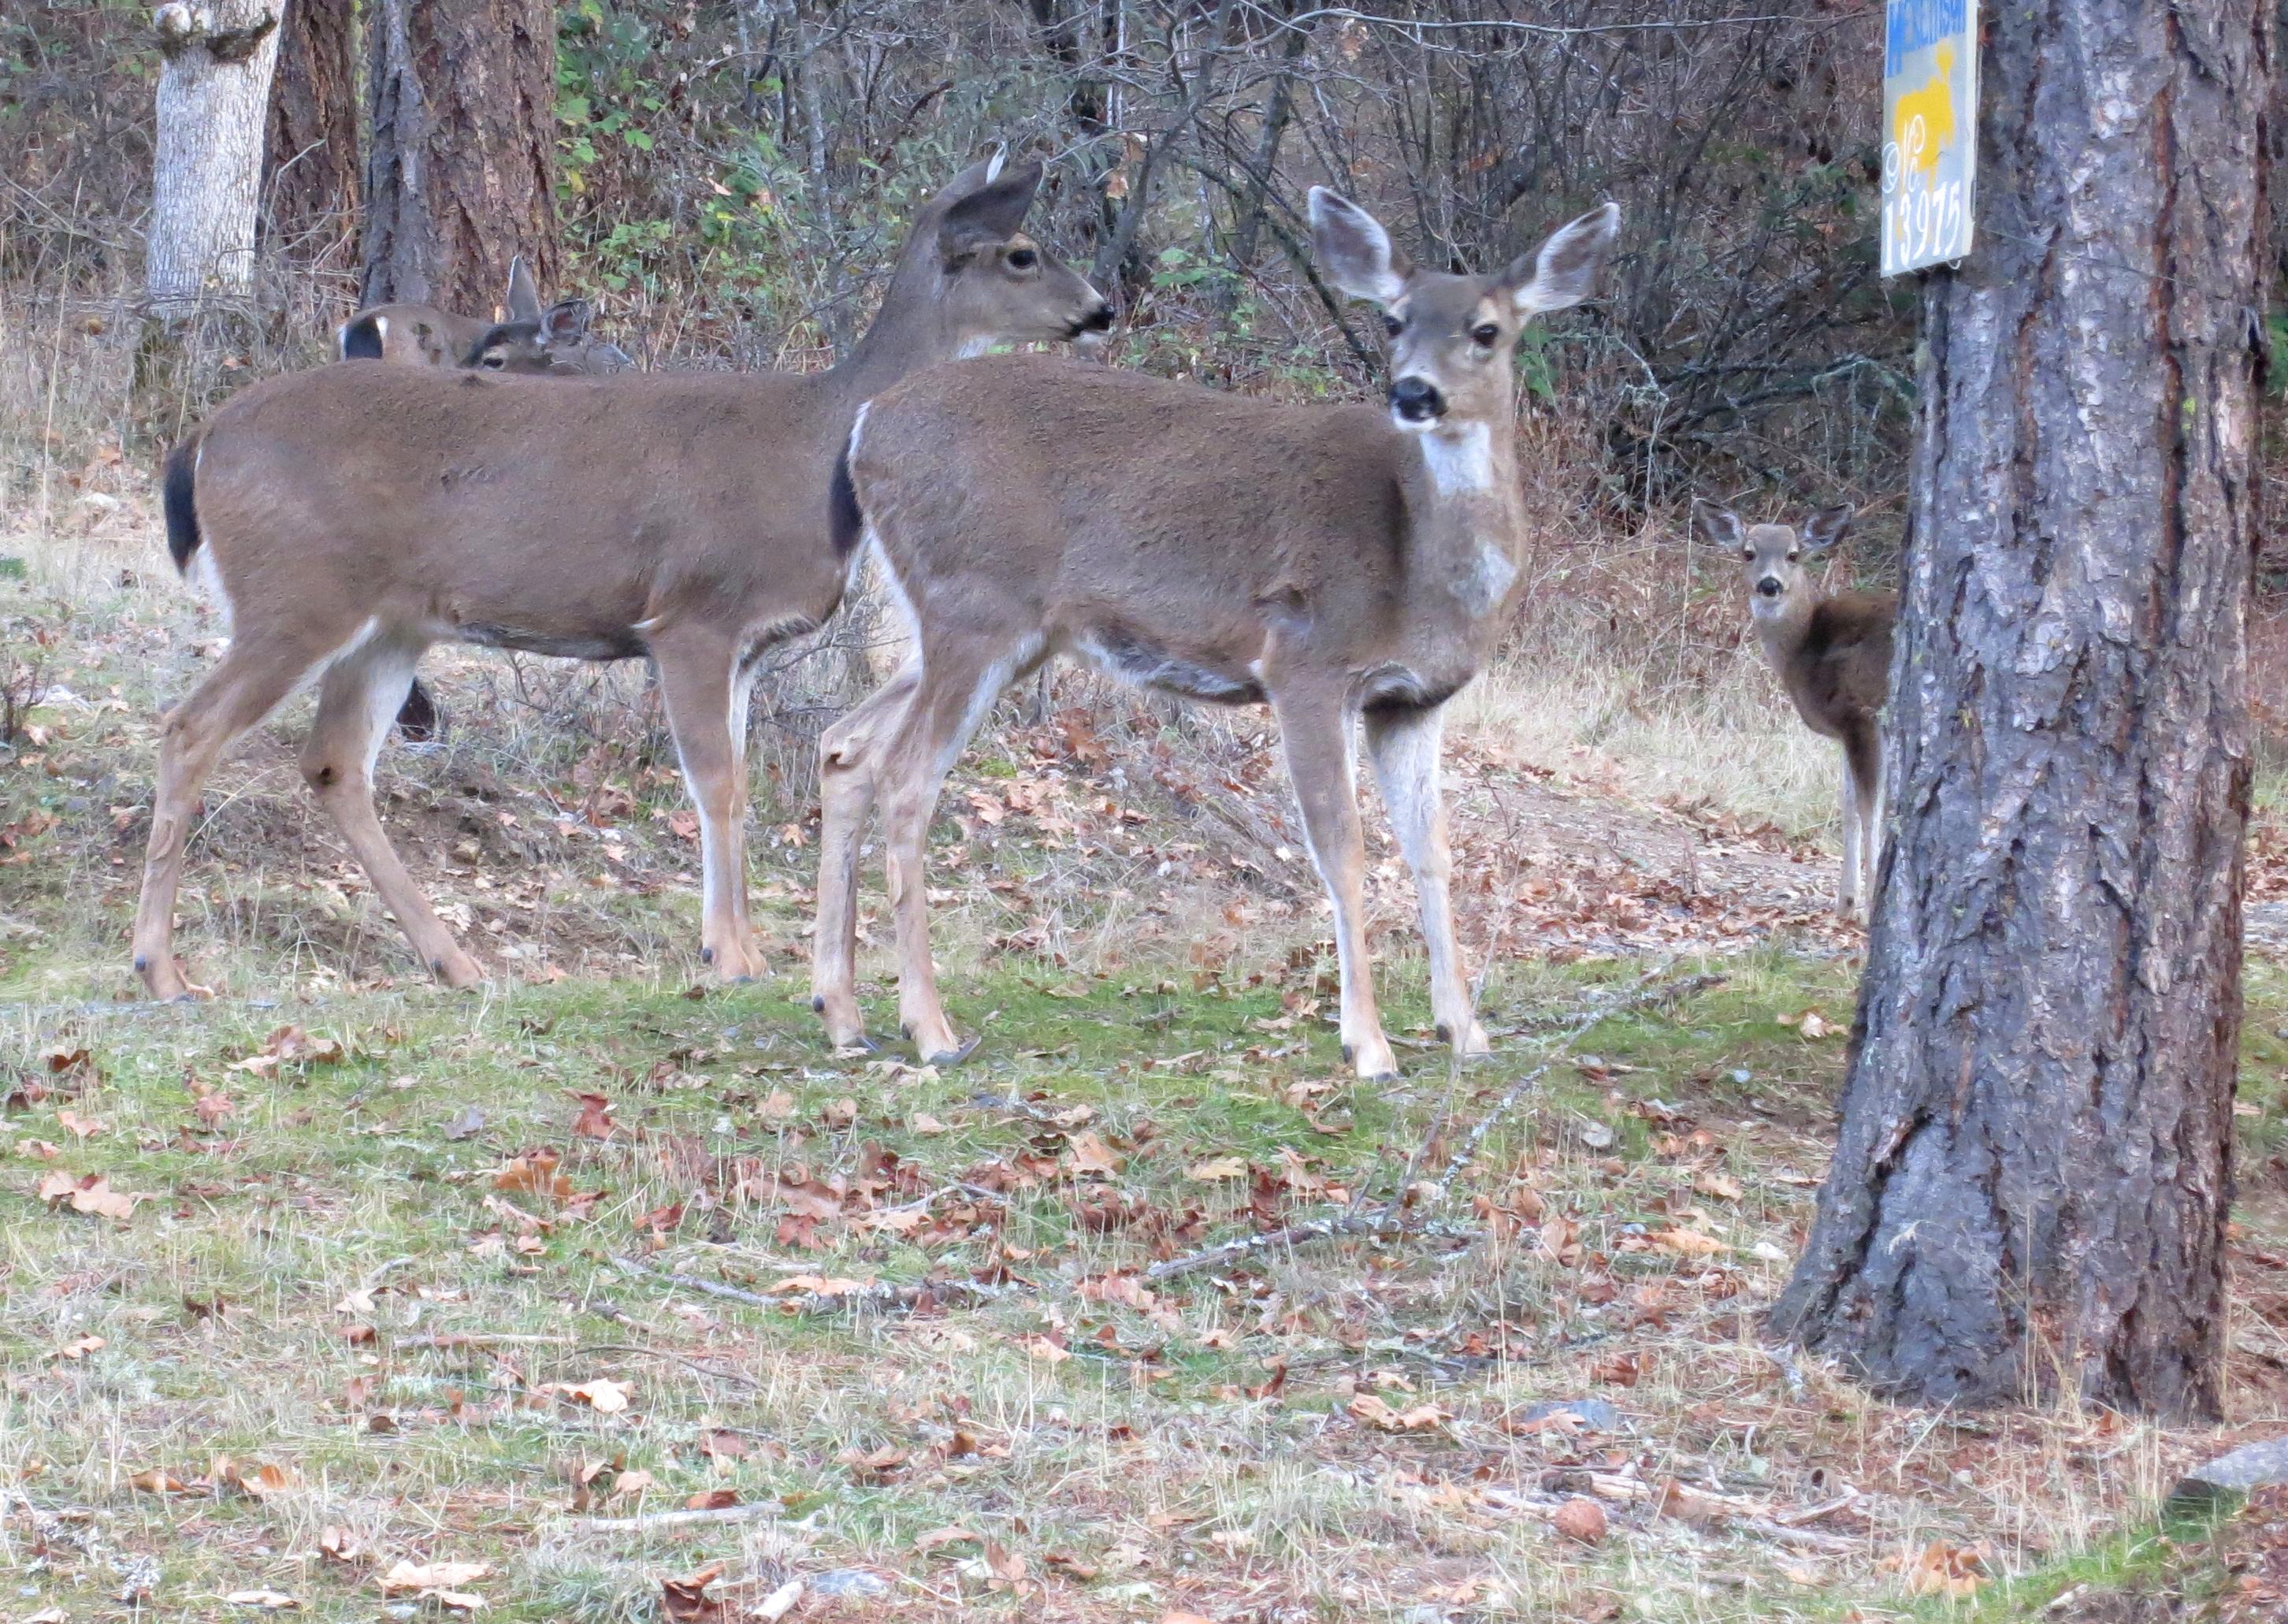 Blacktail deer herd in Applegate Valley, Oregon. Photo by Curtis Mekemson.